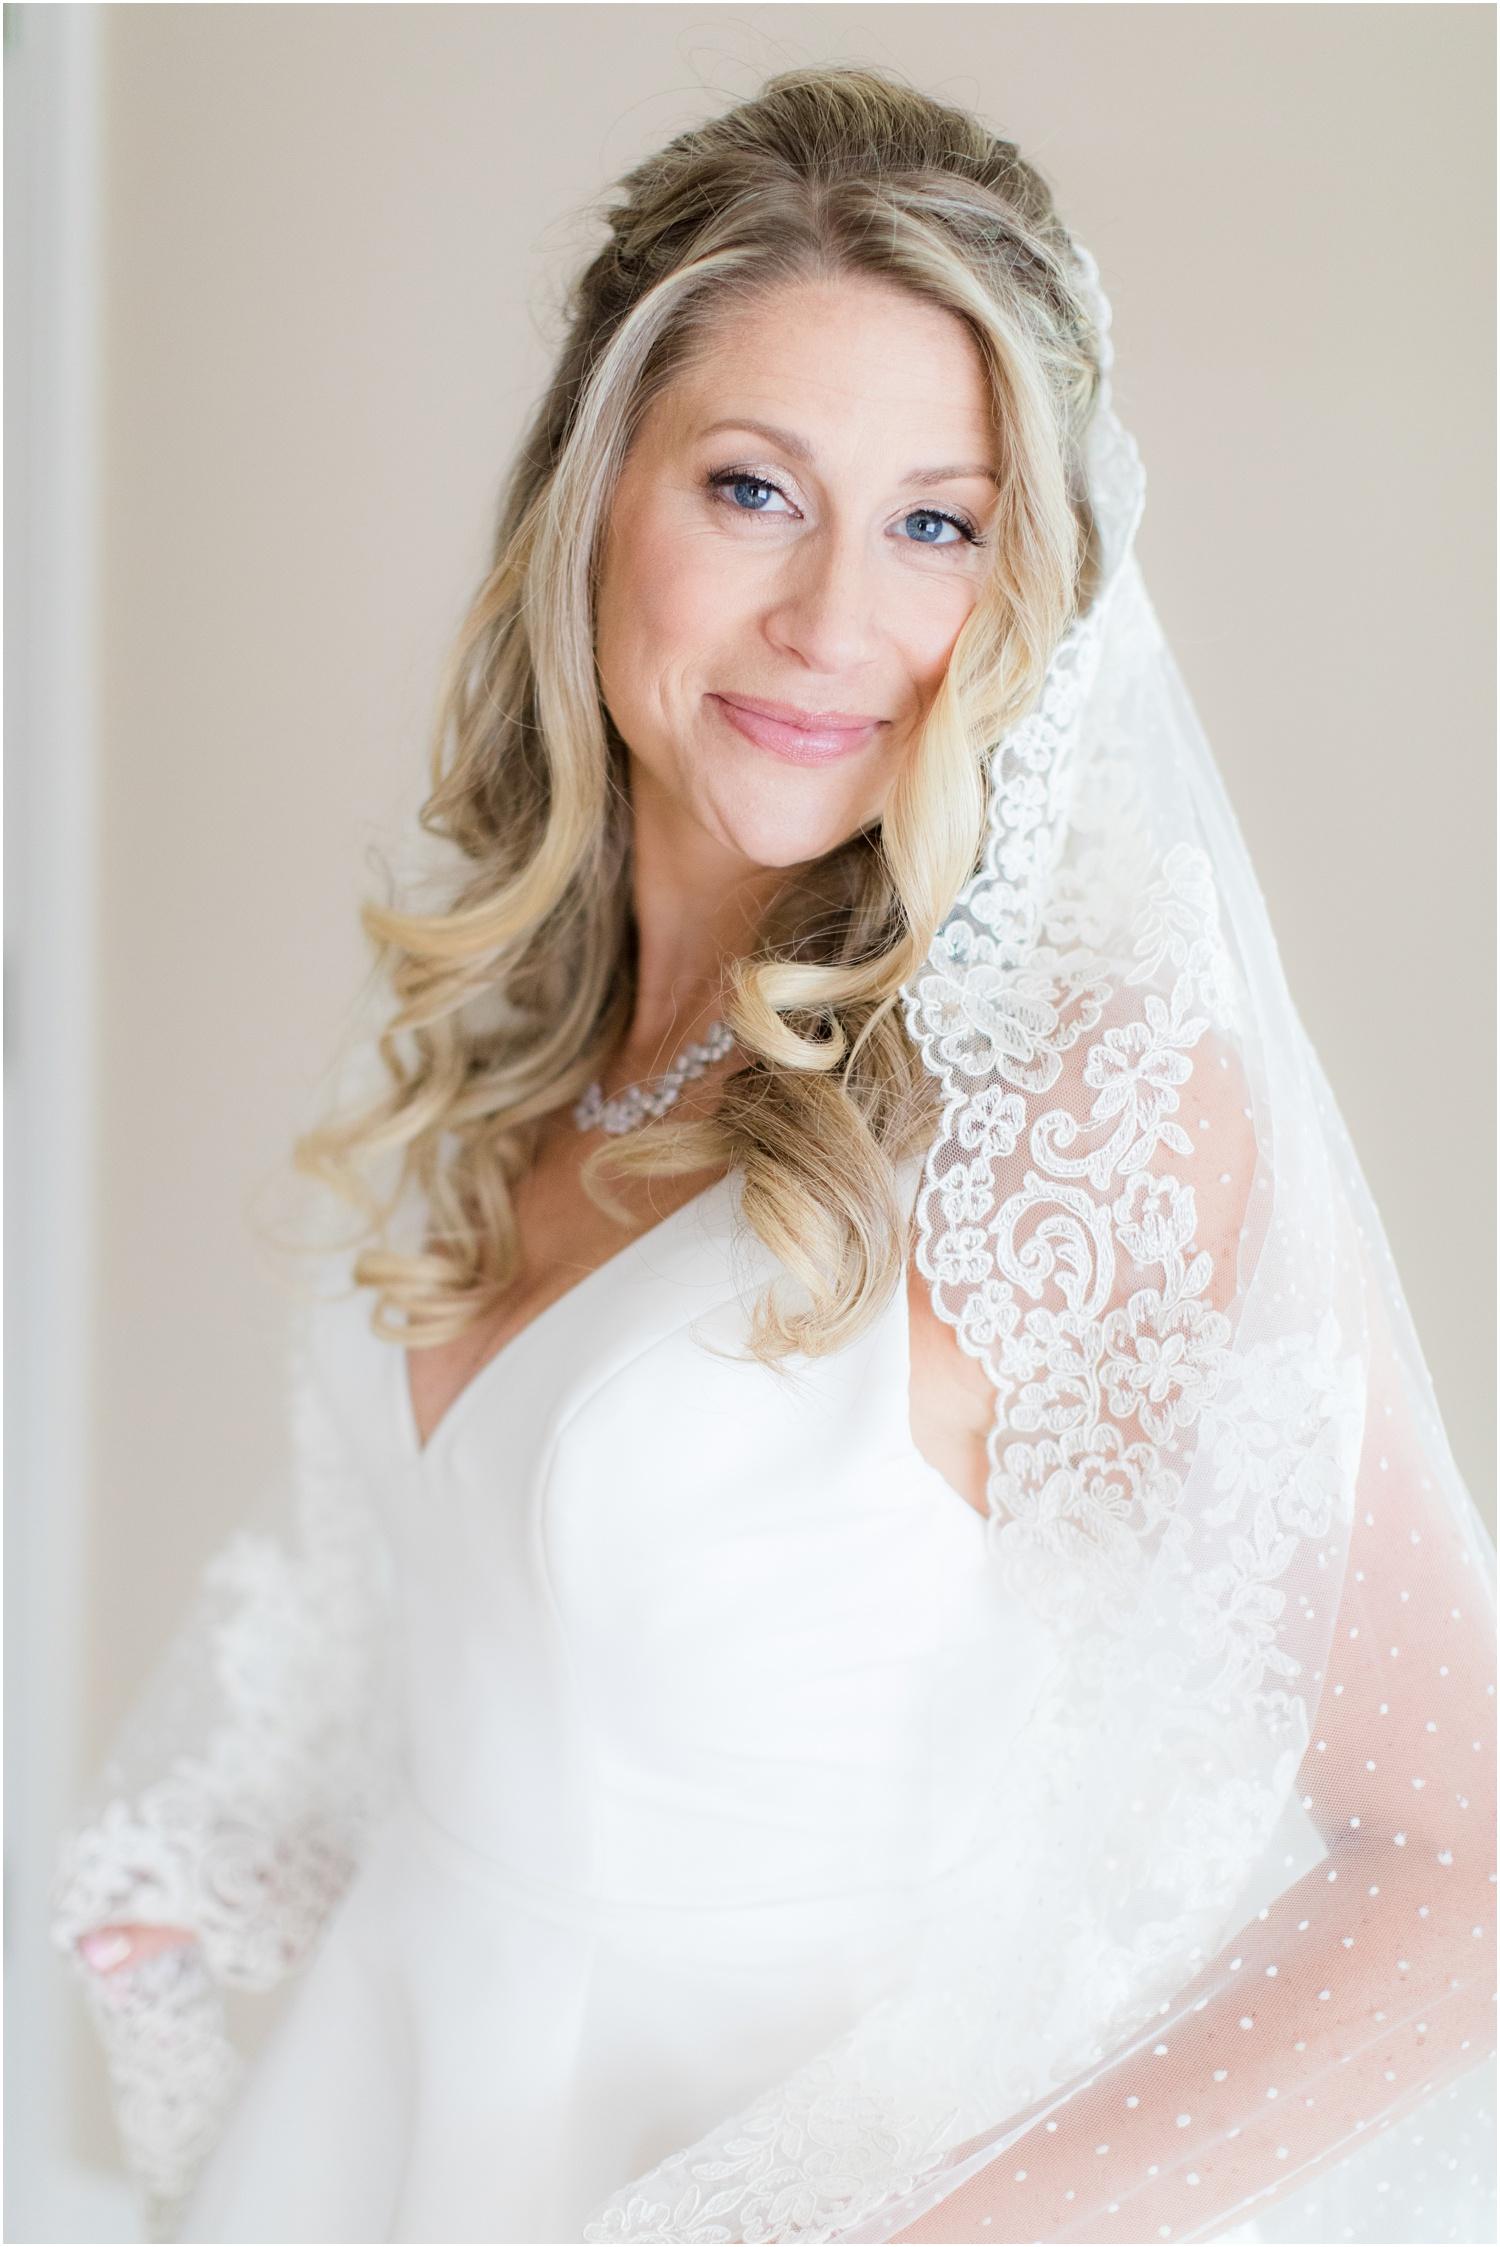 Bridal portrait in Spring Lake, NJ.